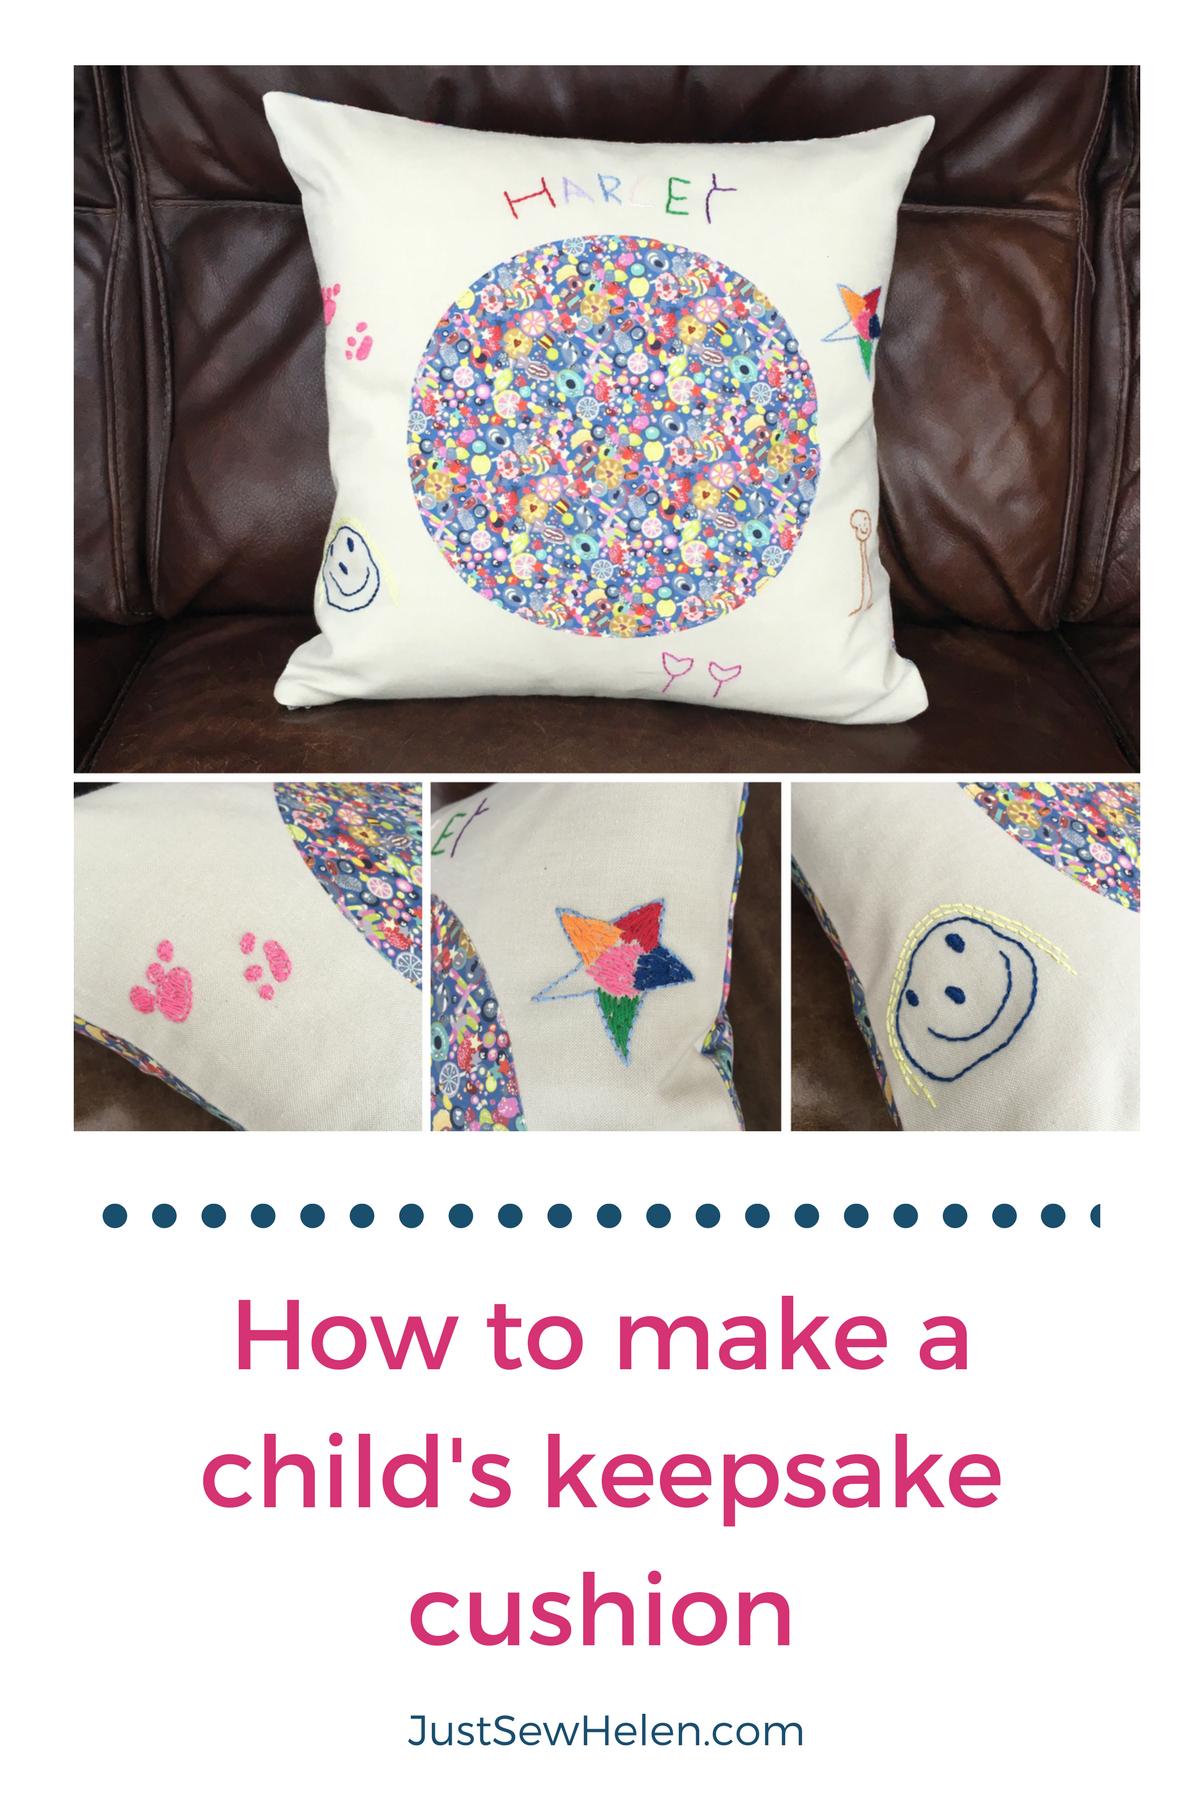 How to make a childs keepsake cushion - JustSewHelen.com